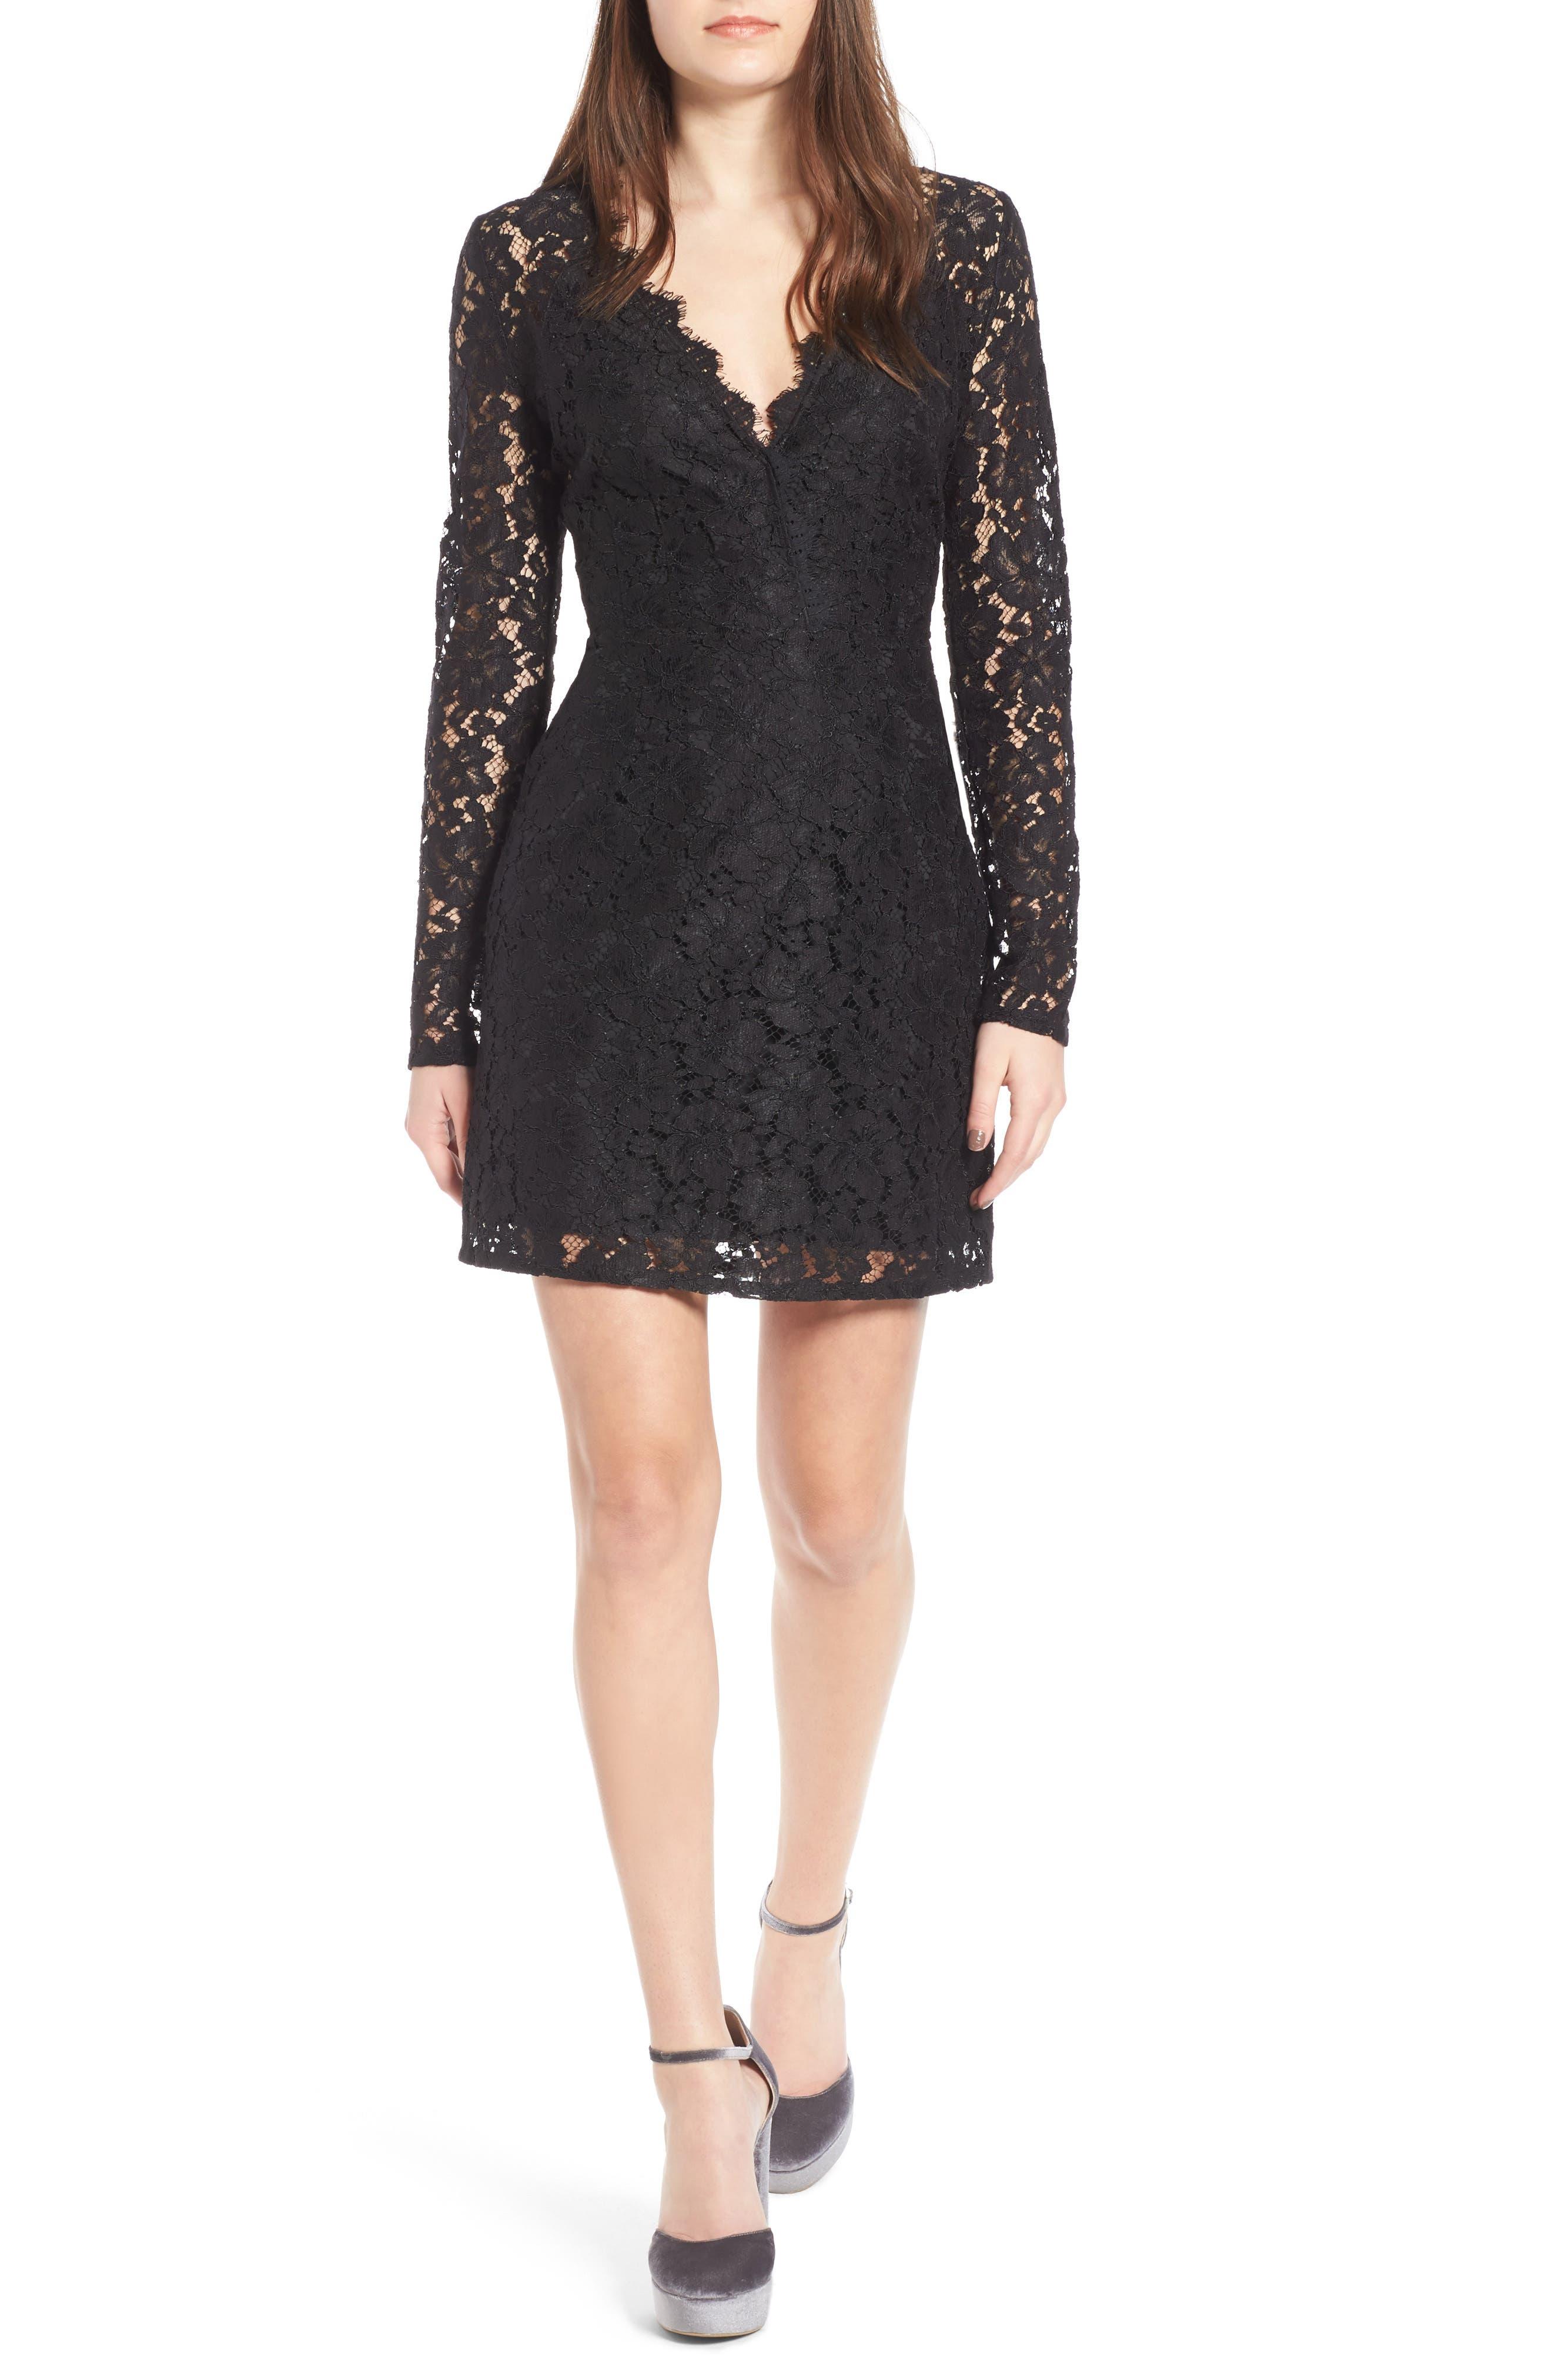 Say It Out Loud Lace Dress,                         Main,                         color, 002